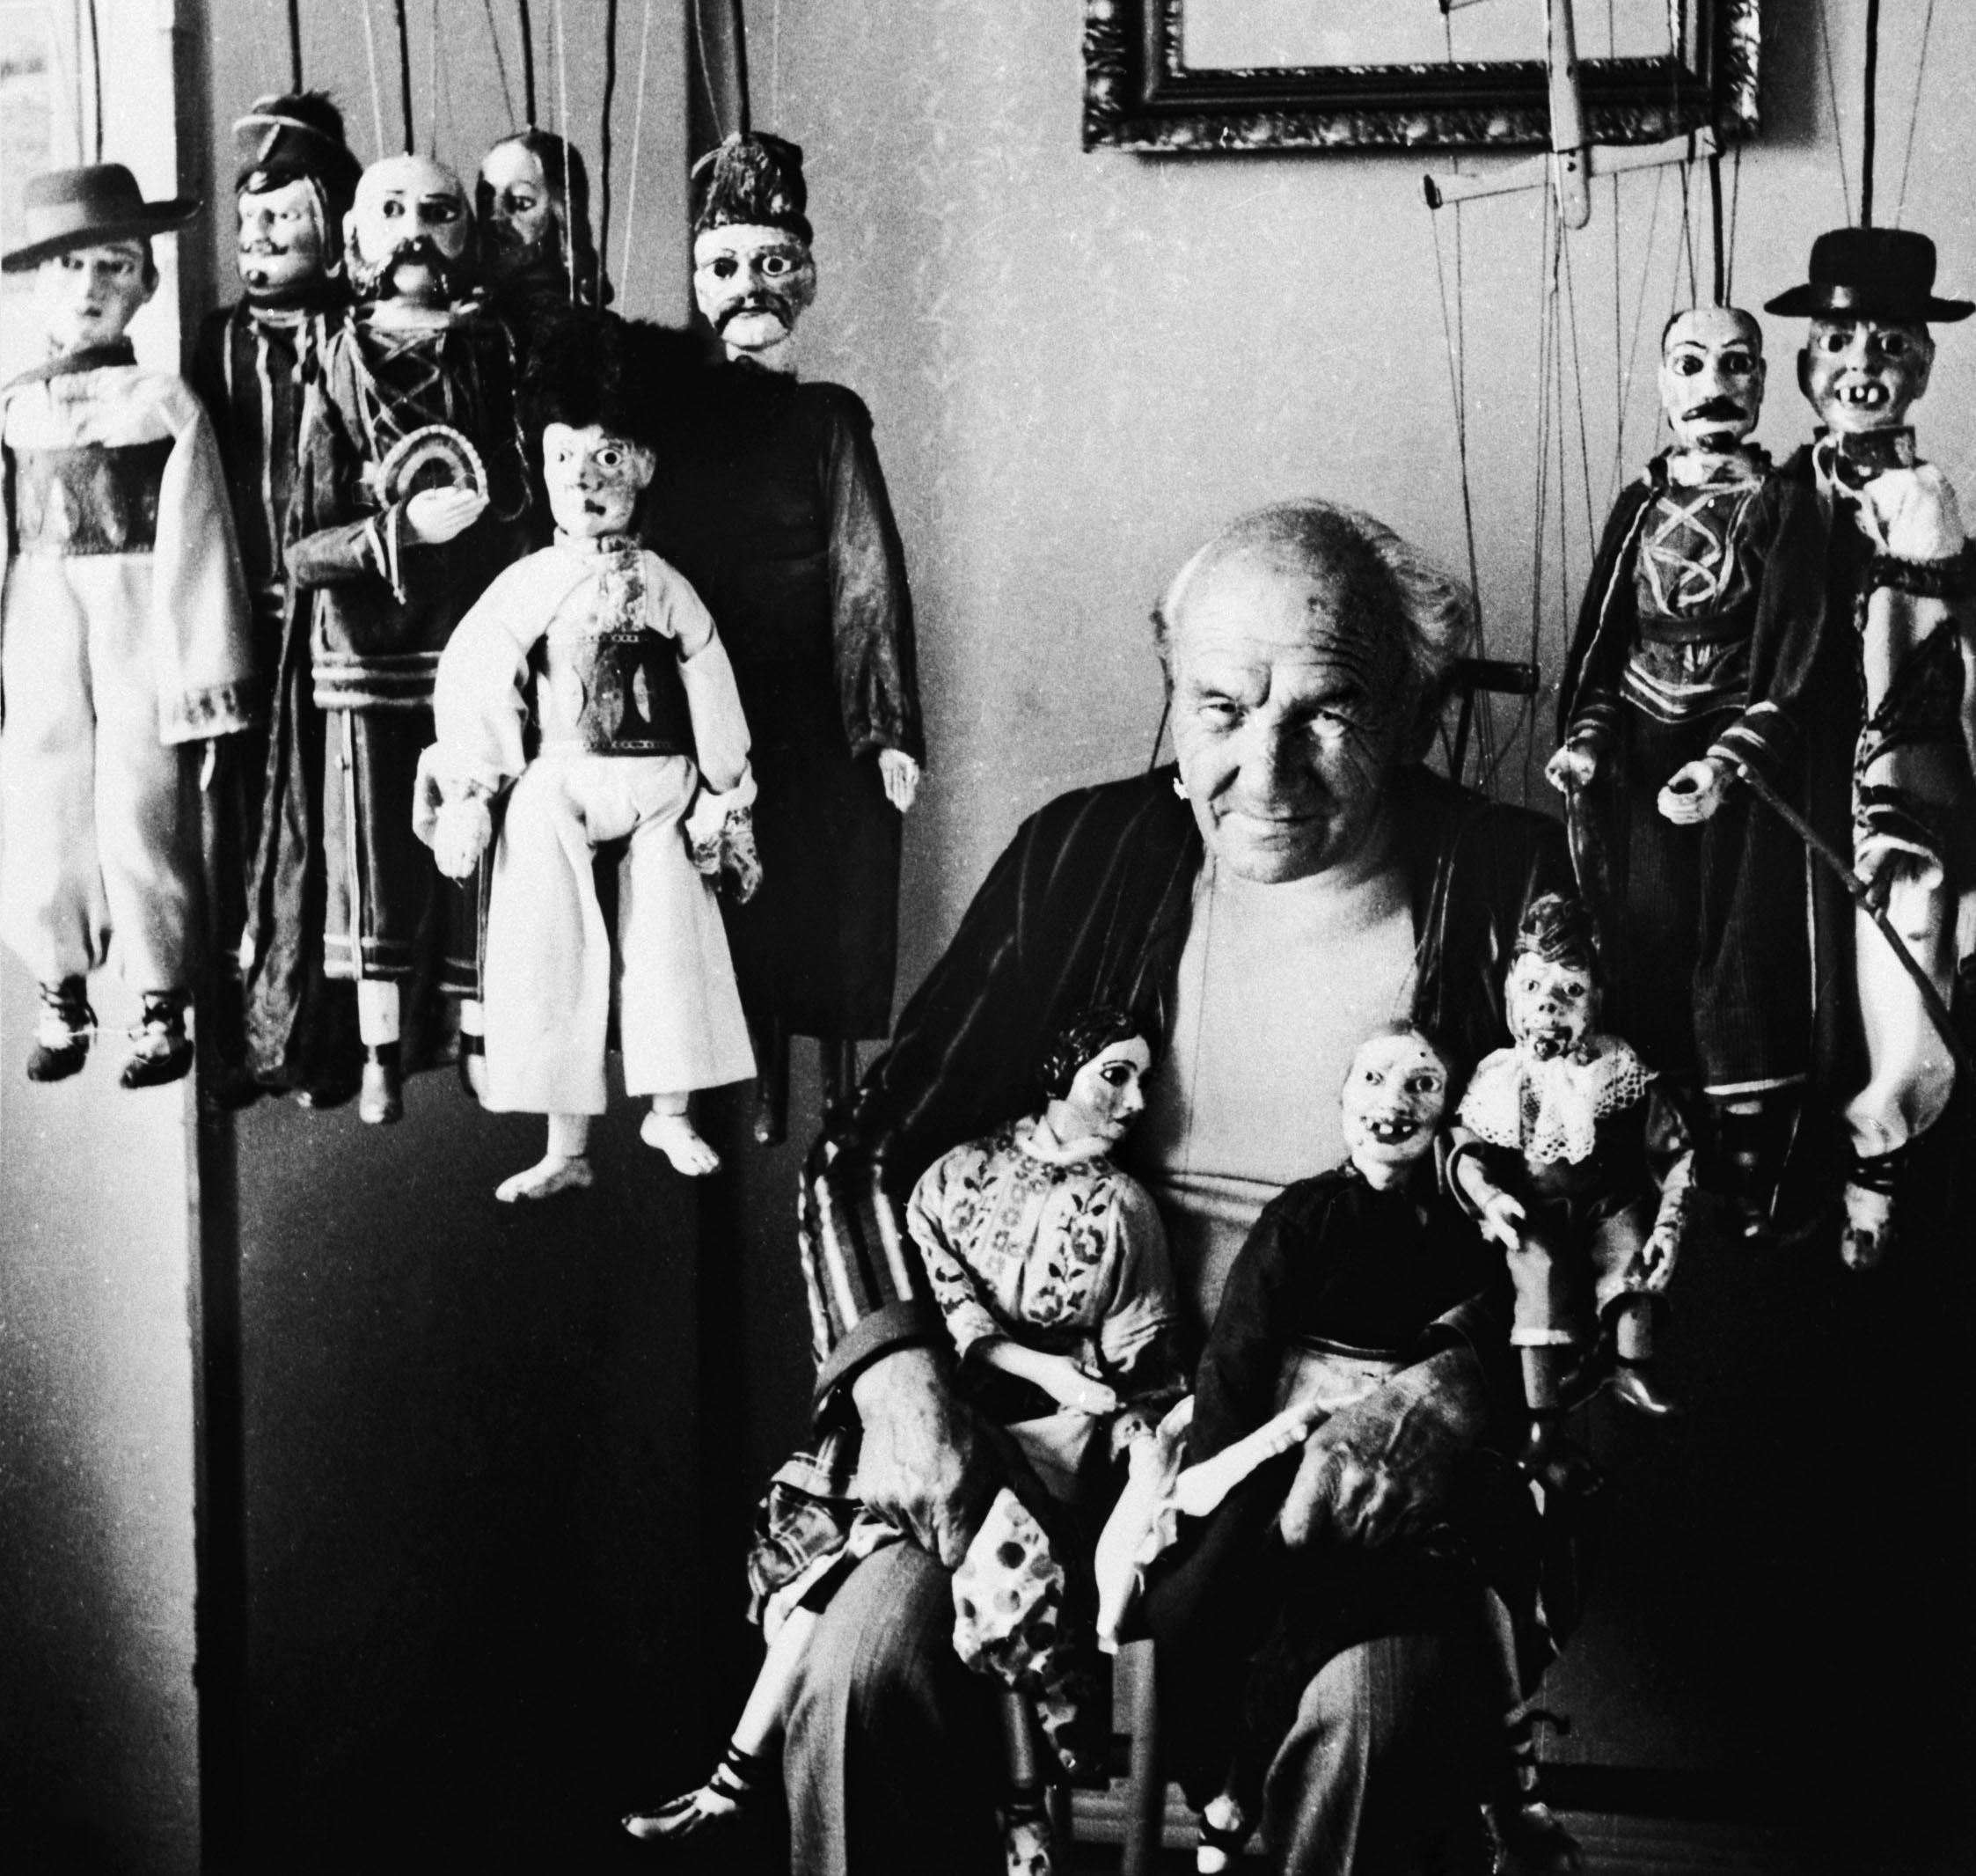 babkar-rudolf-fabry-1913-1992-so-svojimi-babkami-od-rezbara-frantiska-ilcika-1909-1972-z-piargu-druha-polovica-20-stor-foto-anton-anderle-archiv-sctk